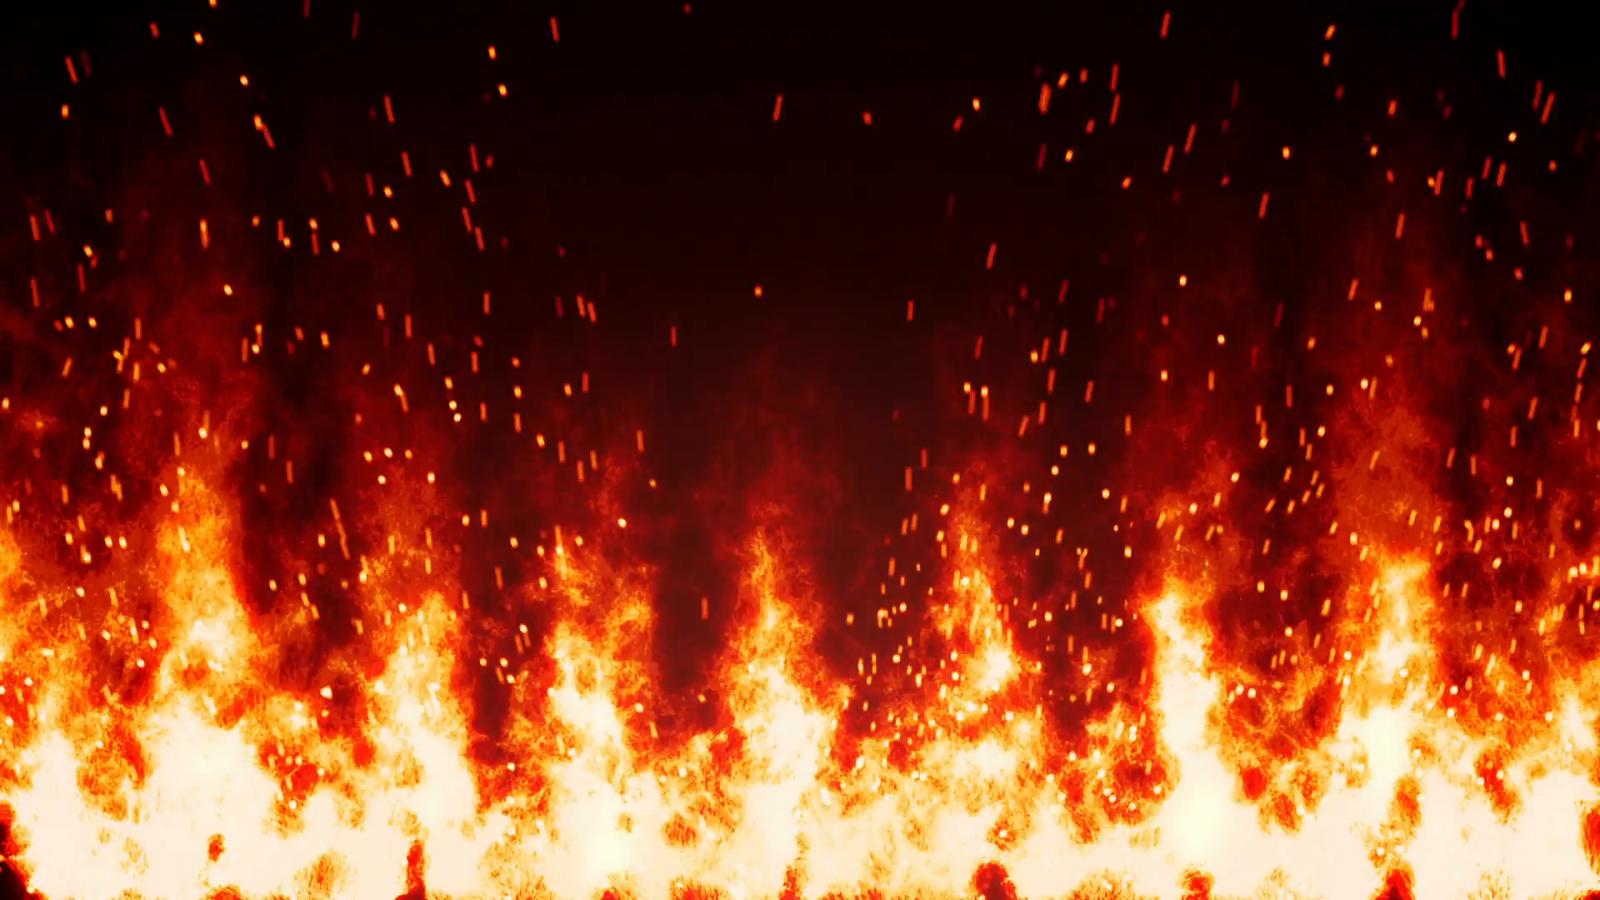 эффекты огня на фото однажды